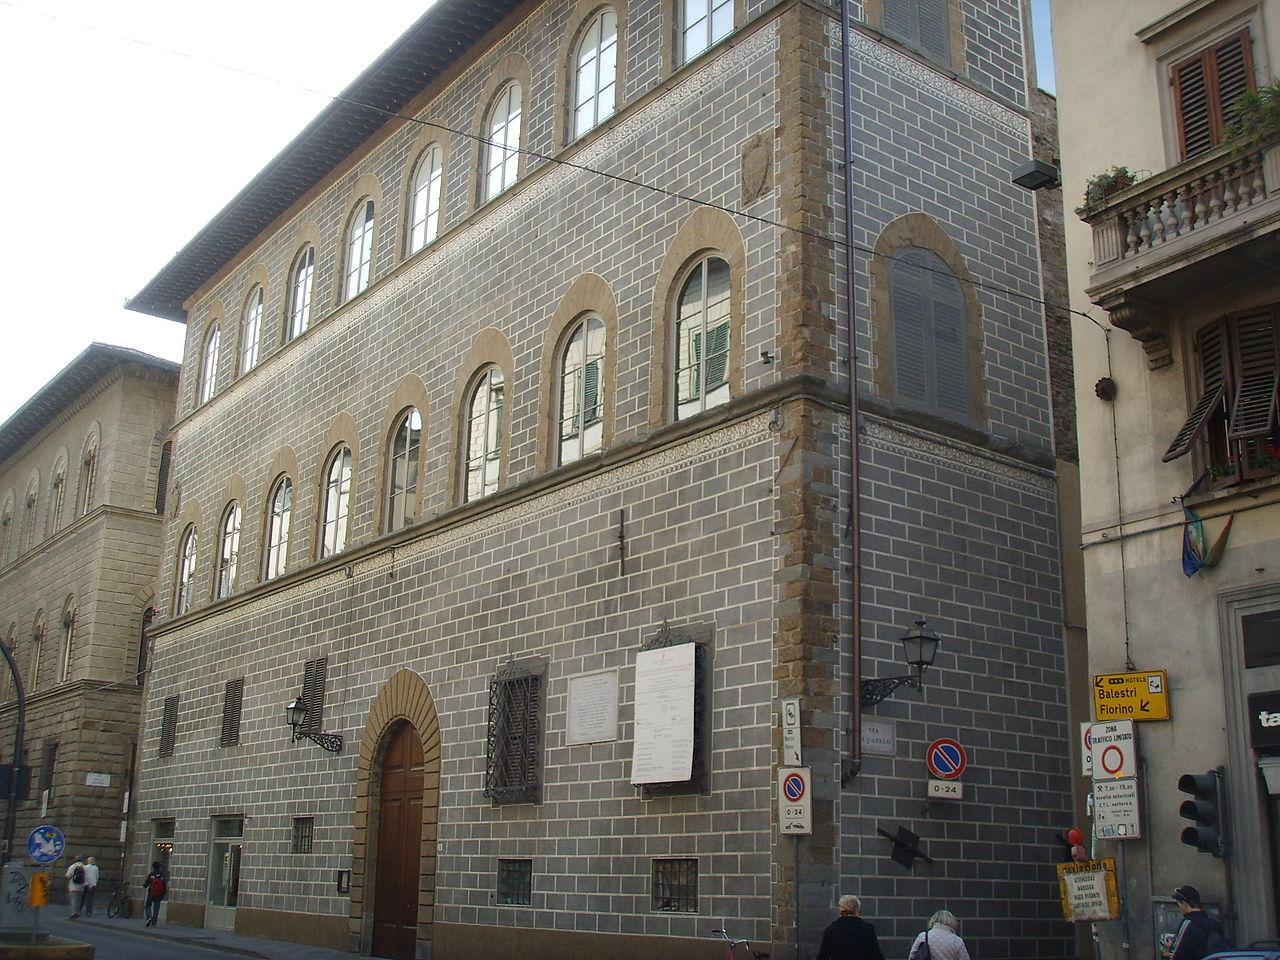 1280px-Palazzo_busini-bardi_11.JPG